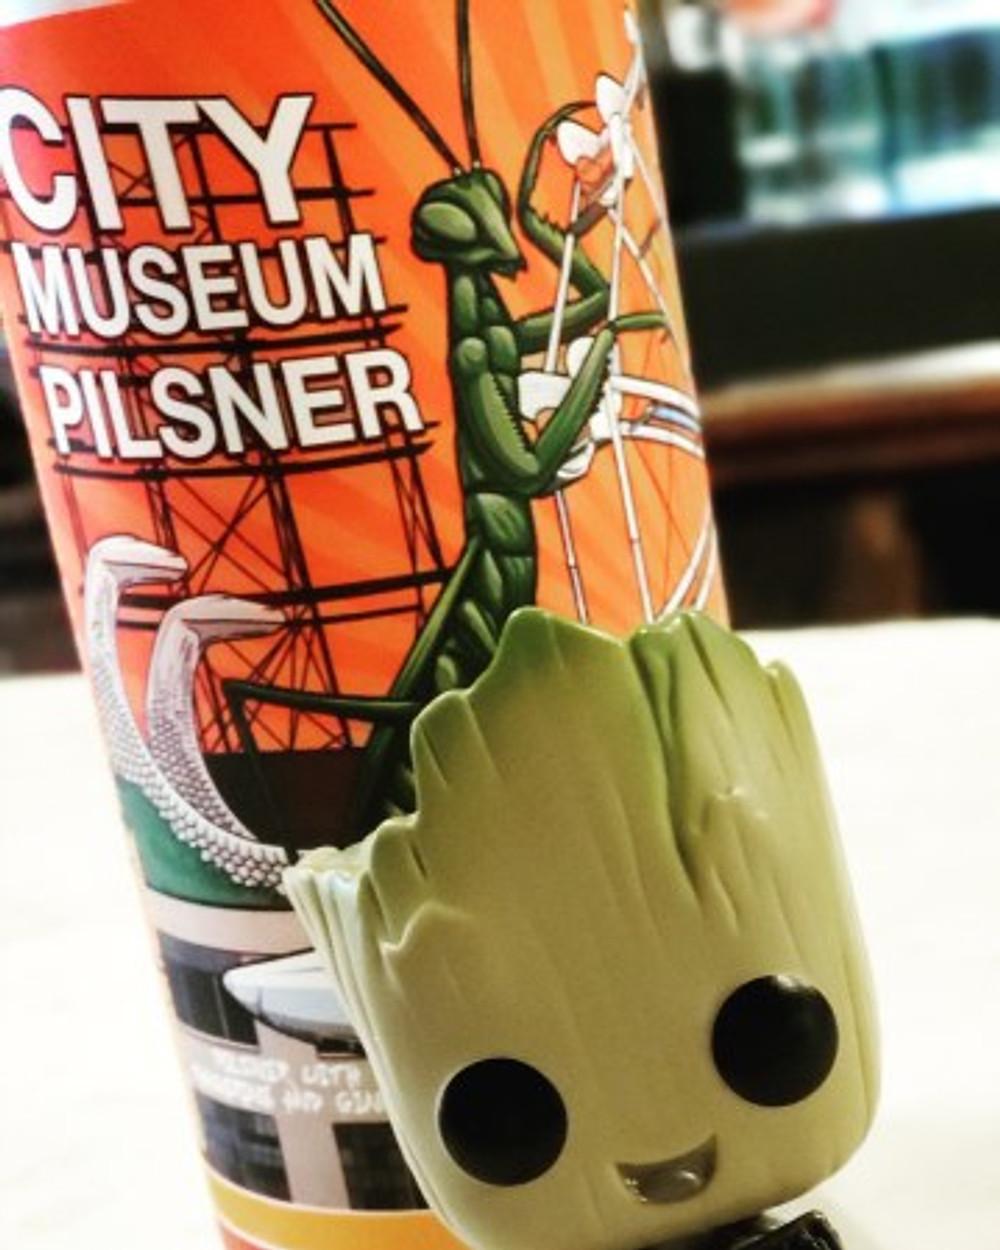 city museum beer